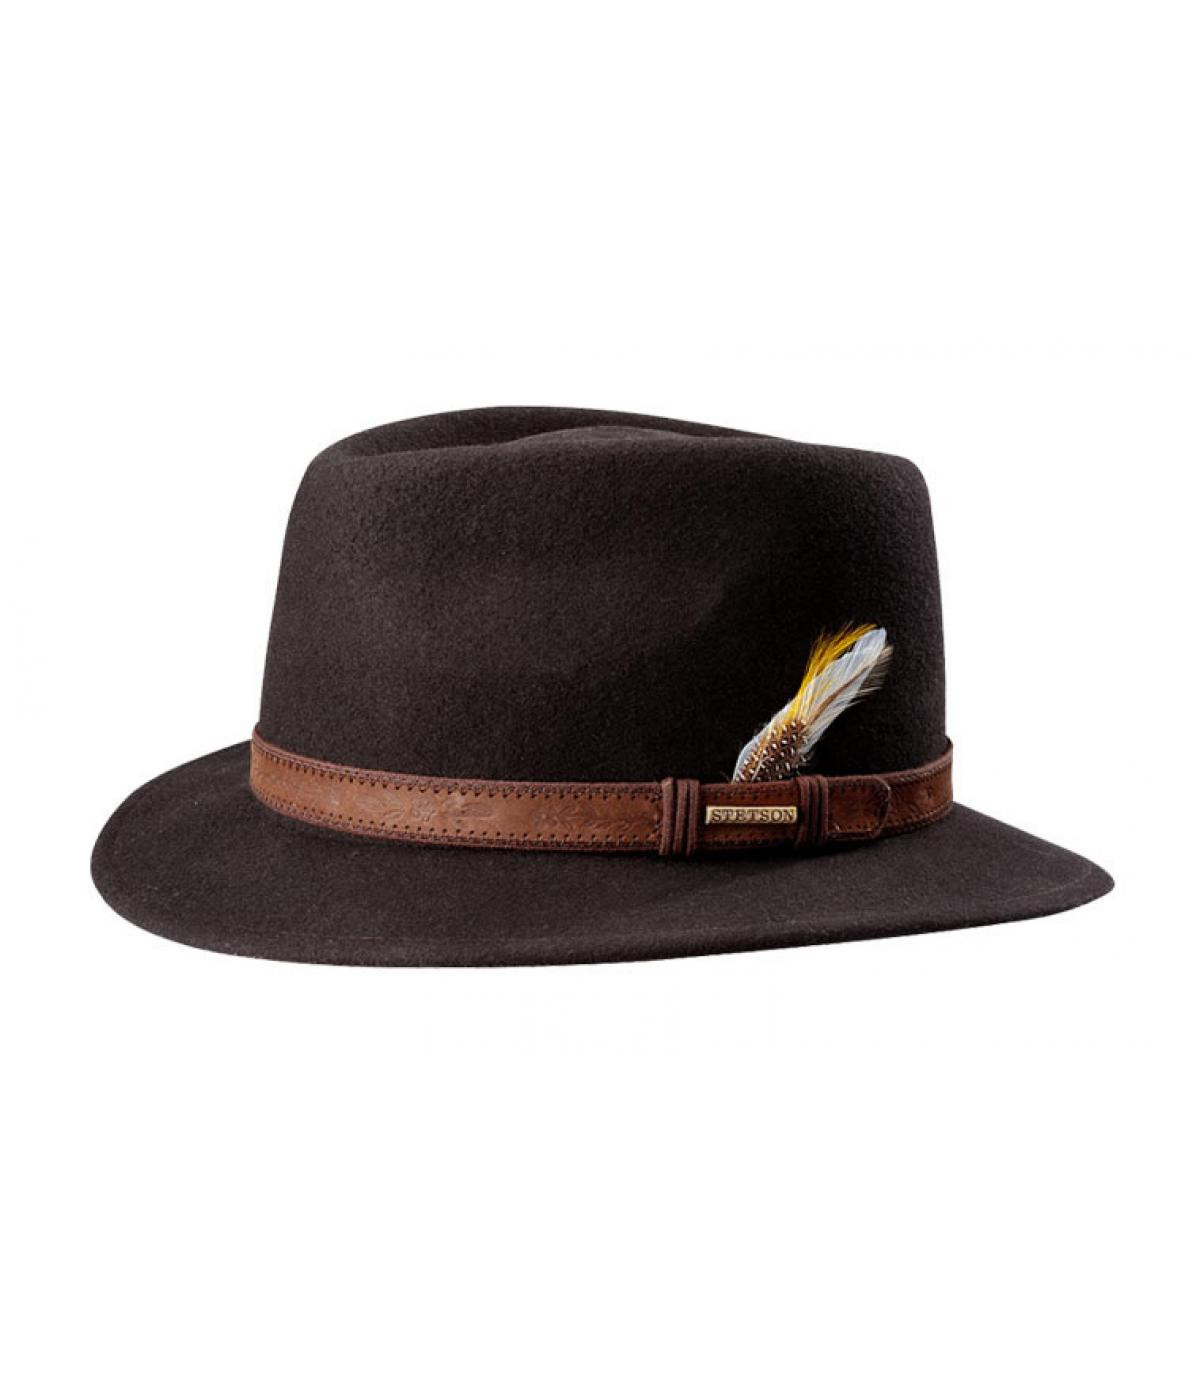 Sombrero classique stetson